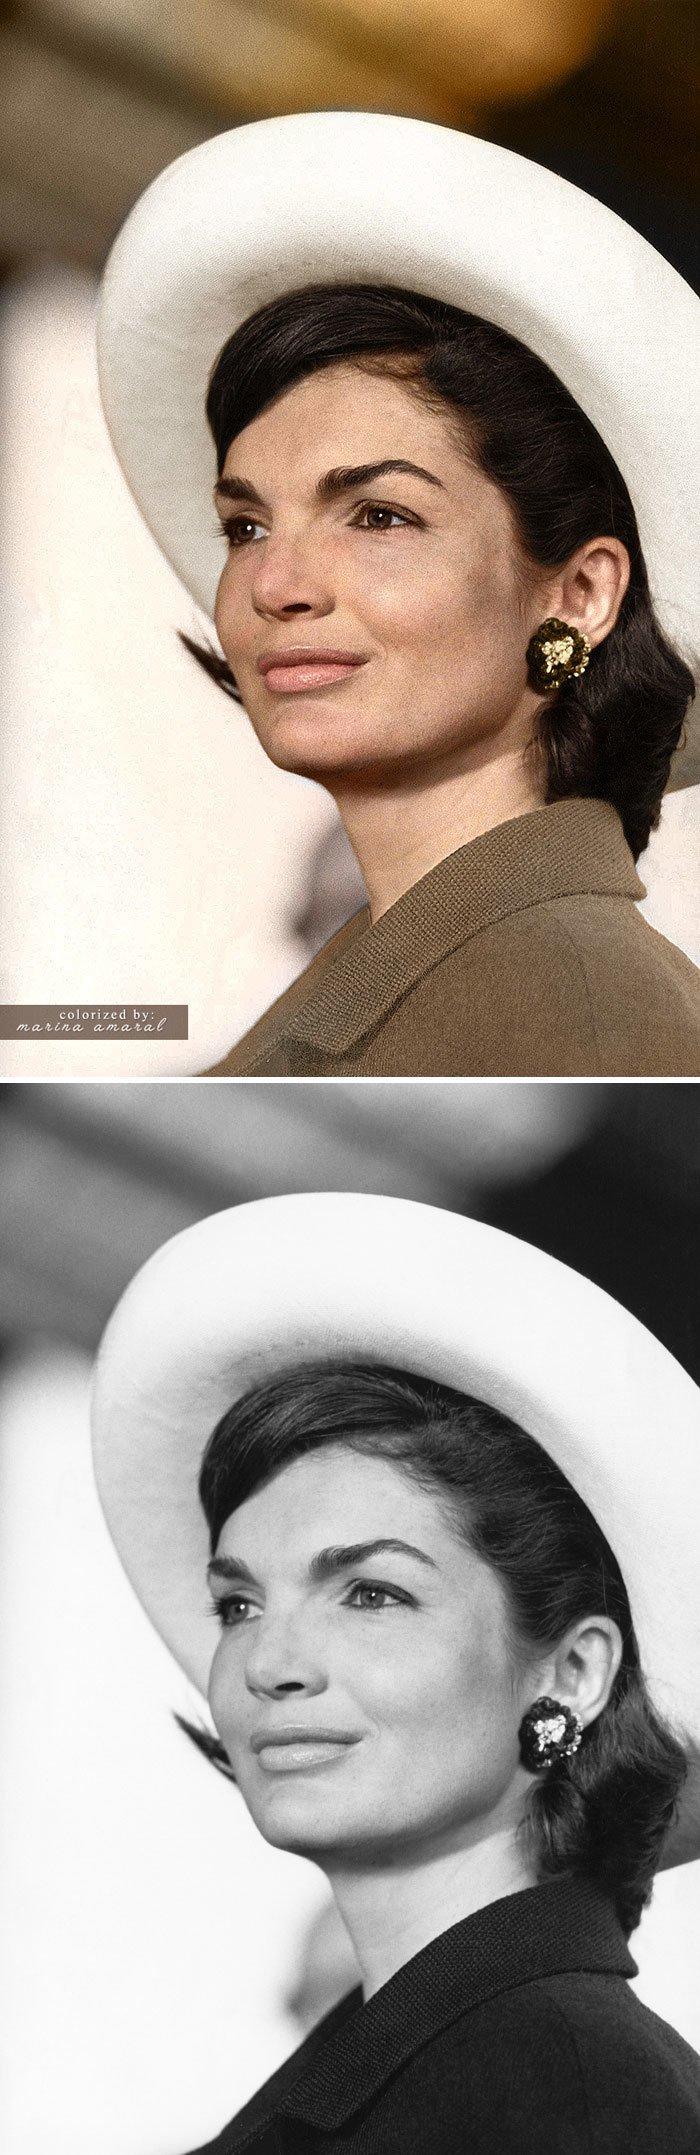 Жаклин Кеннеди история, портрет, прошлое, событие, фотография, фотомир, цвет